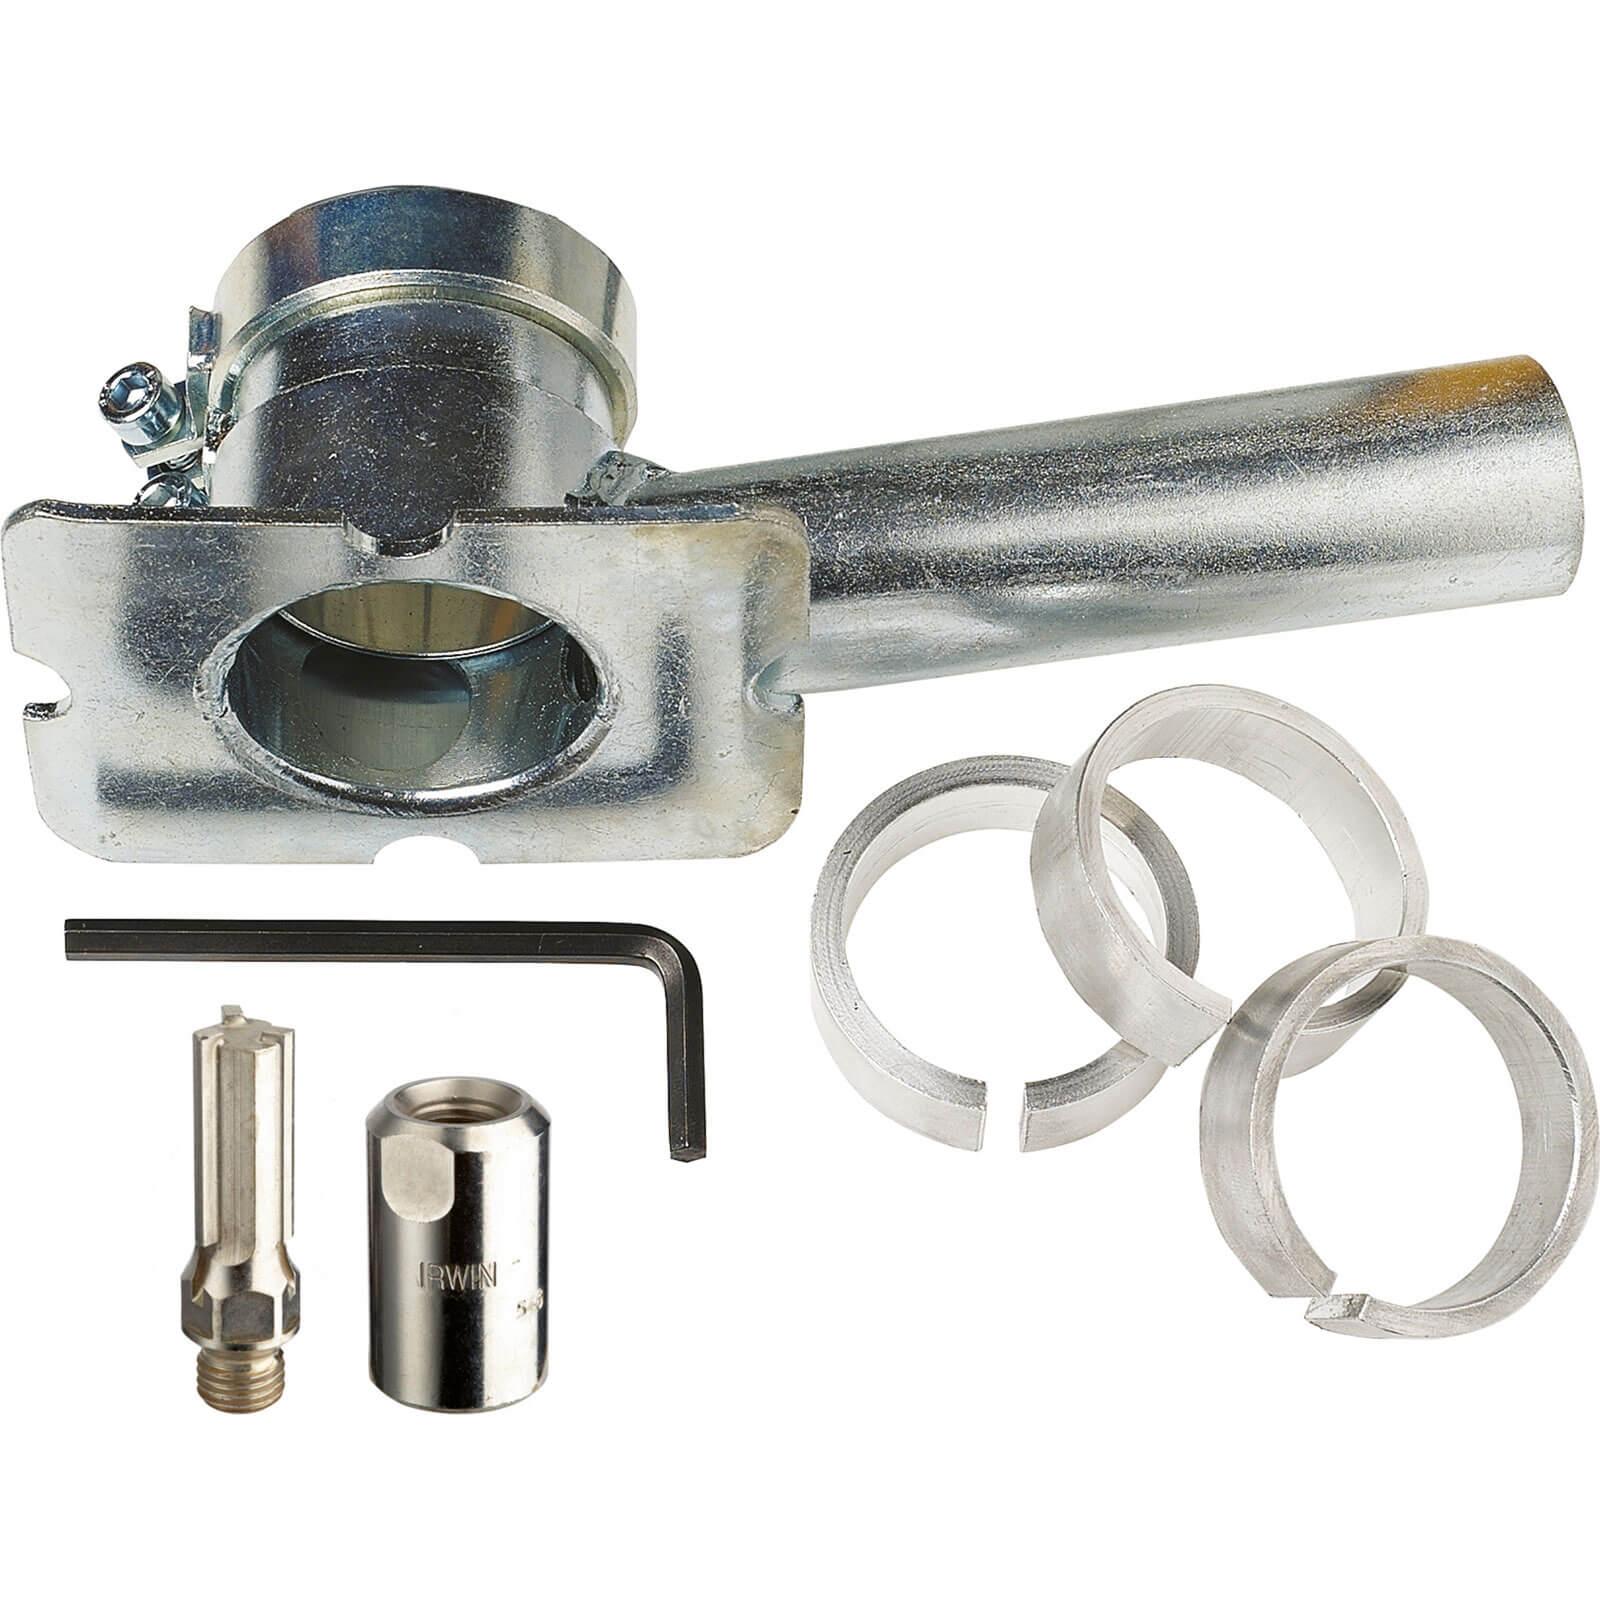 Irwin 7 Piece Mortar Rake Starter Kit 10mm